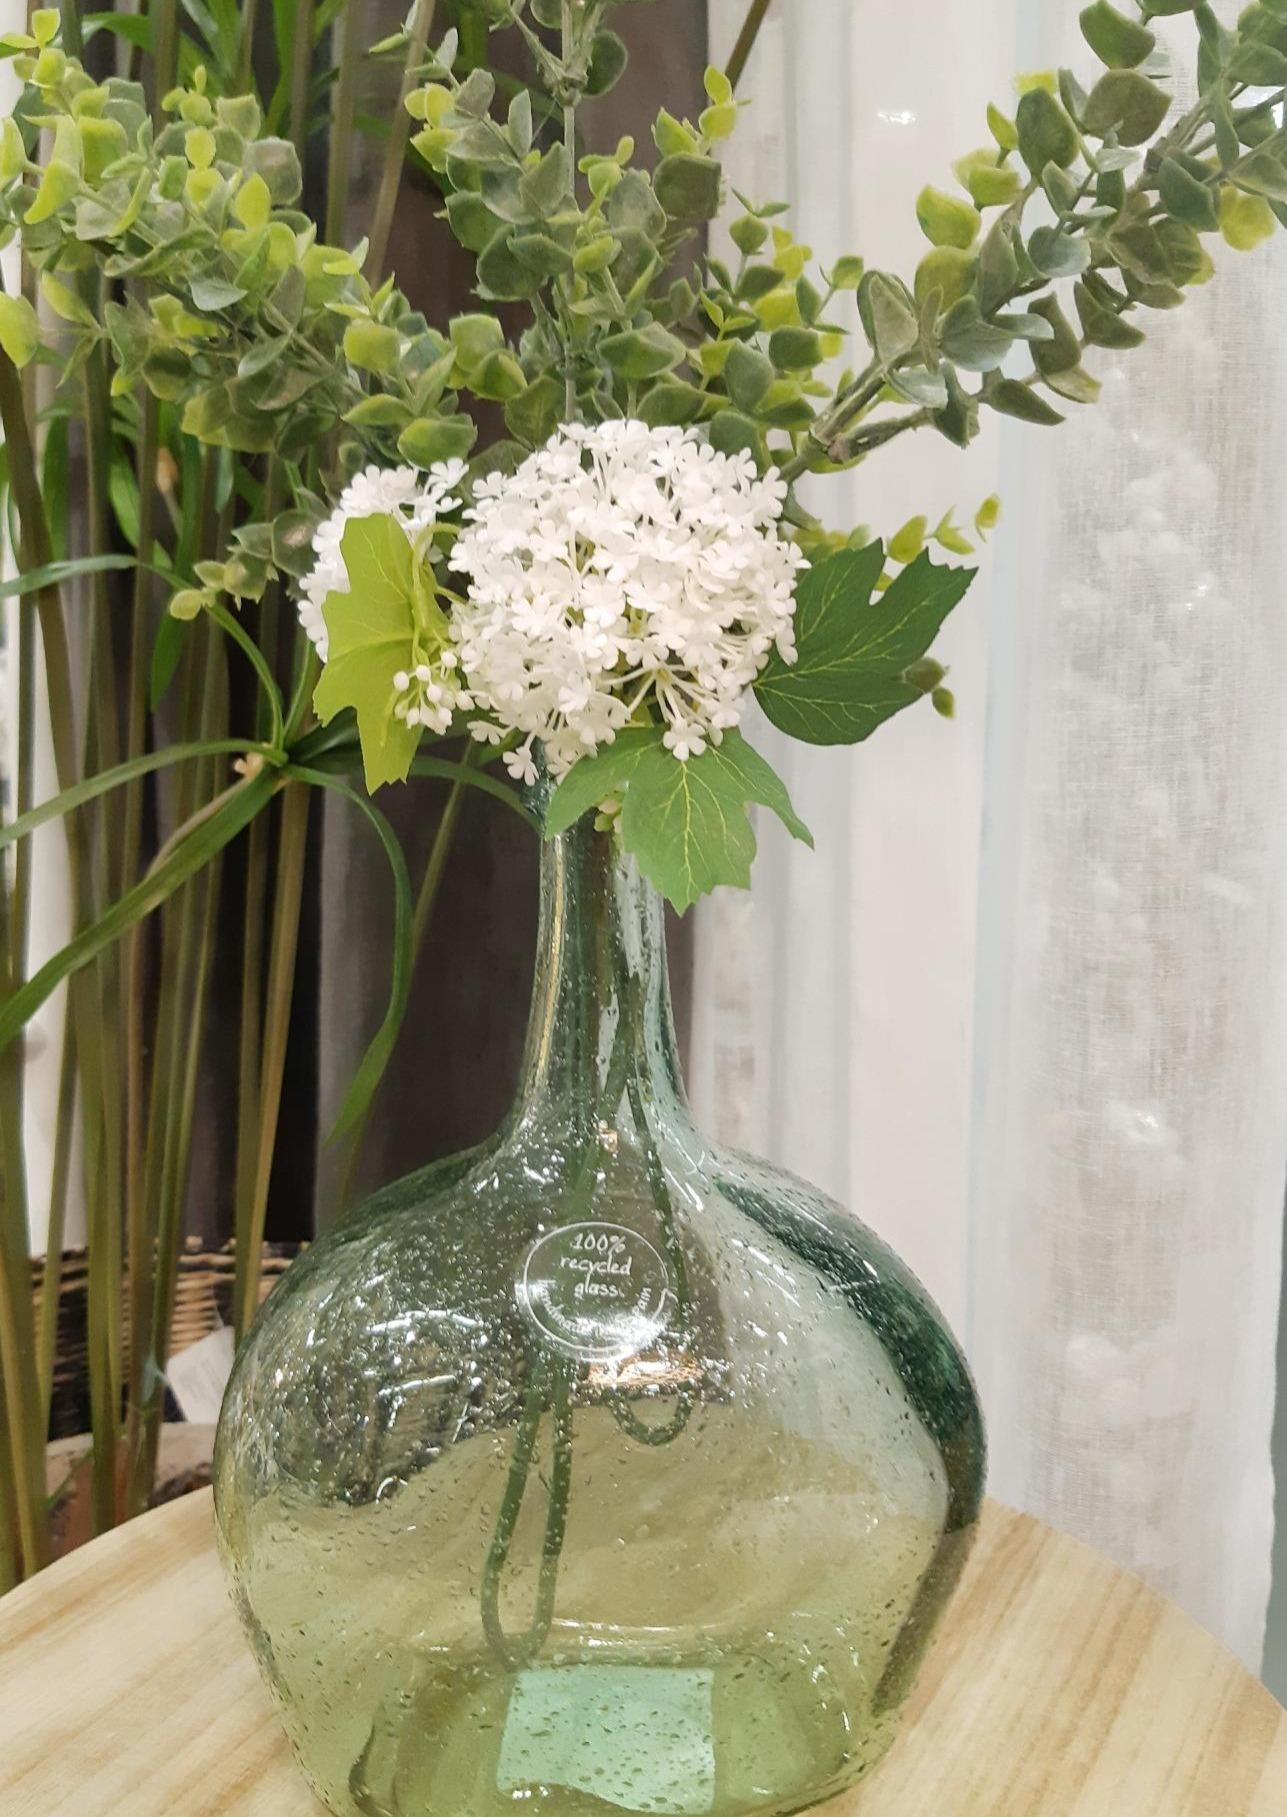 J'ai testé pour vous vase dame jeanne en verre coloré